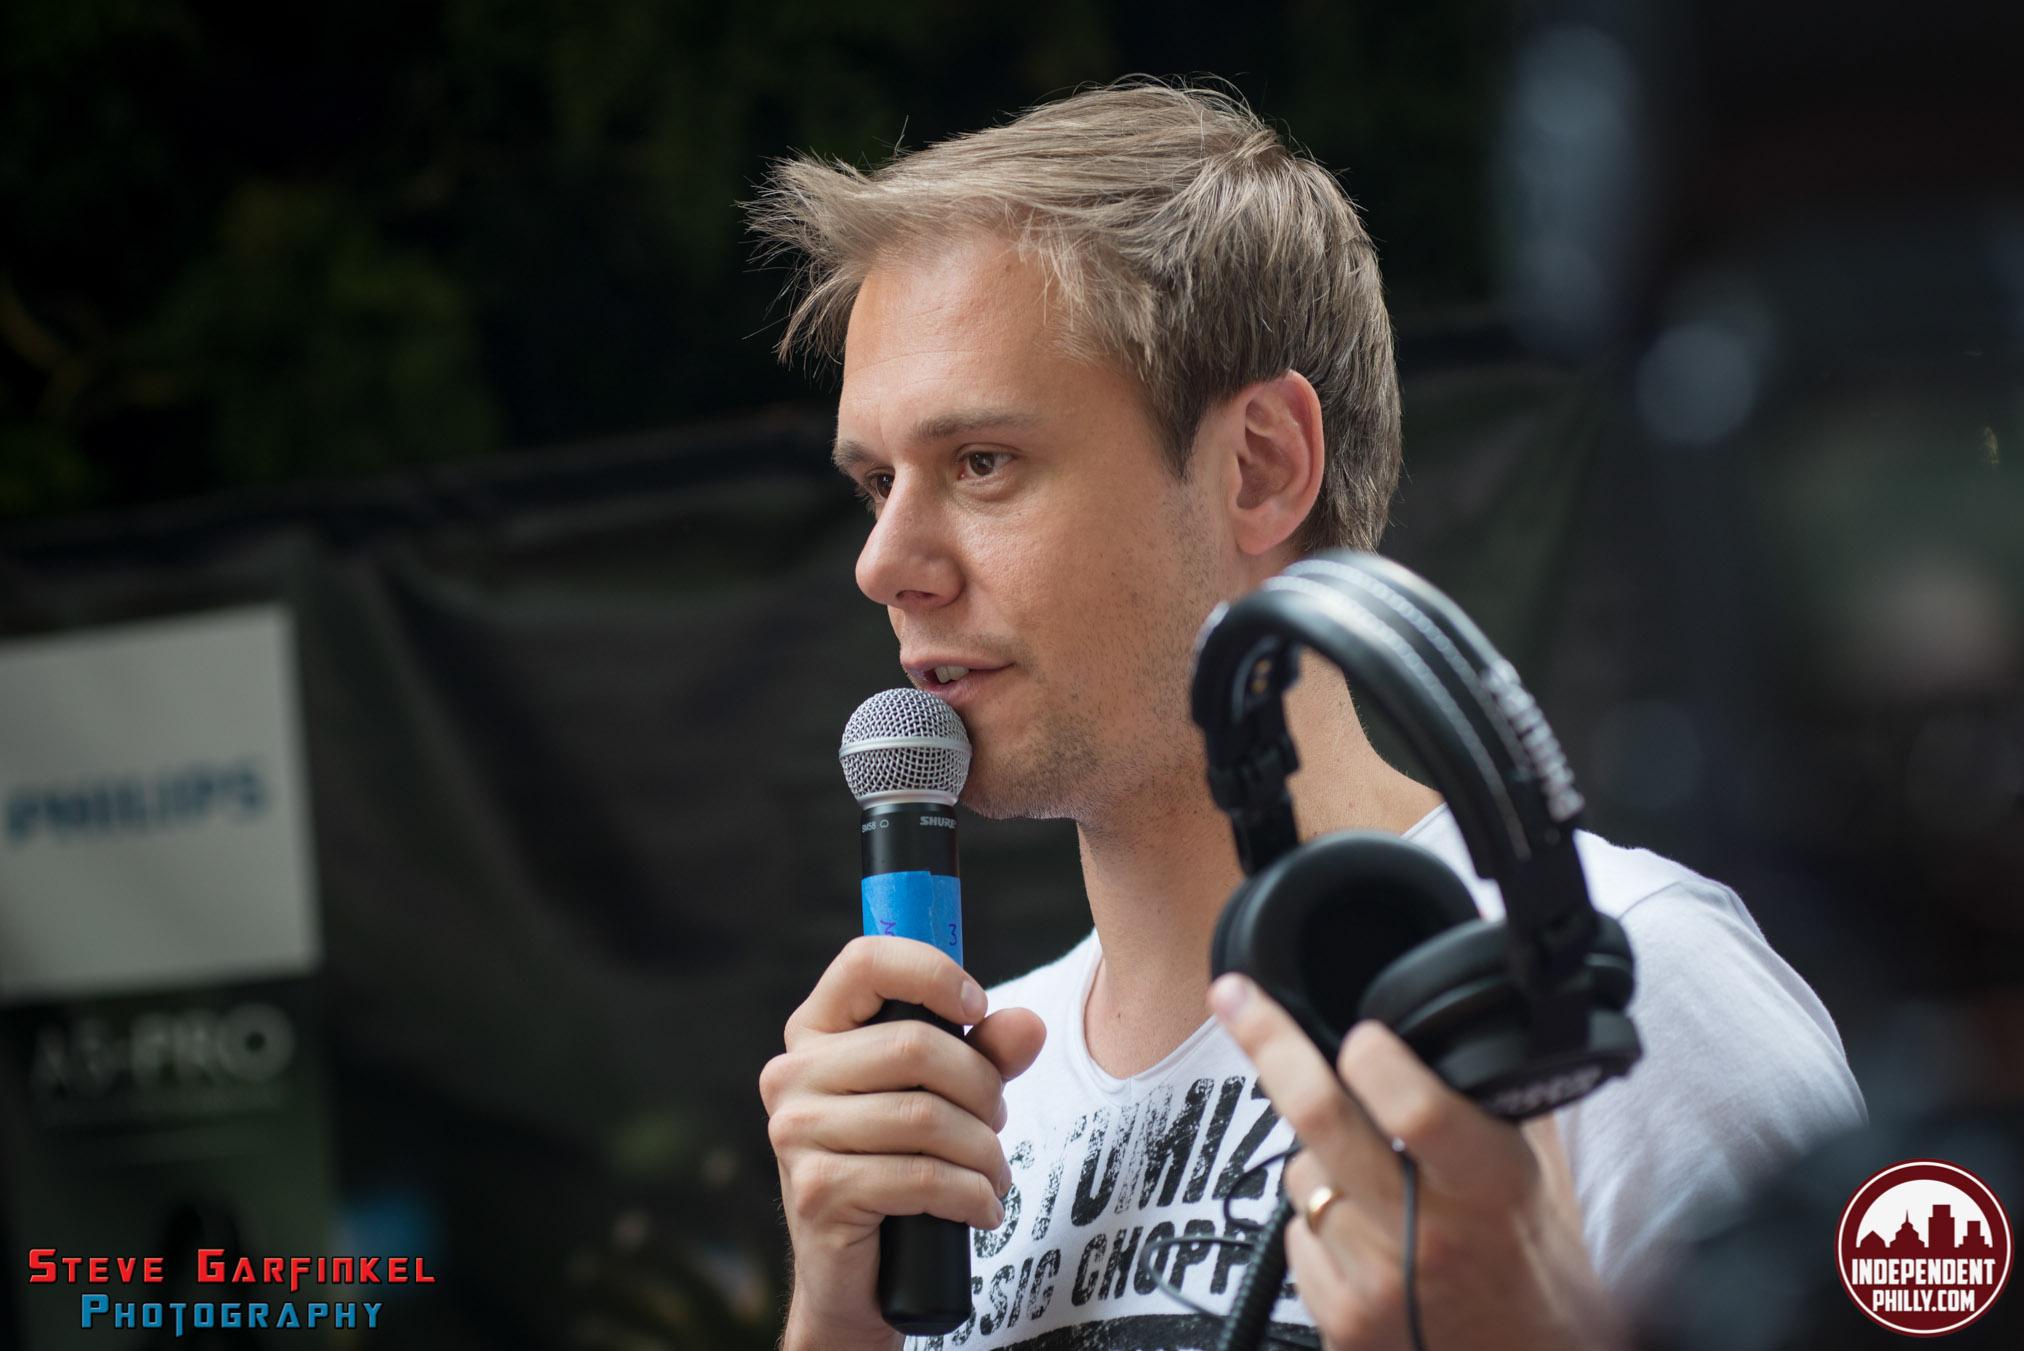 Armin-6